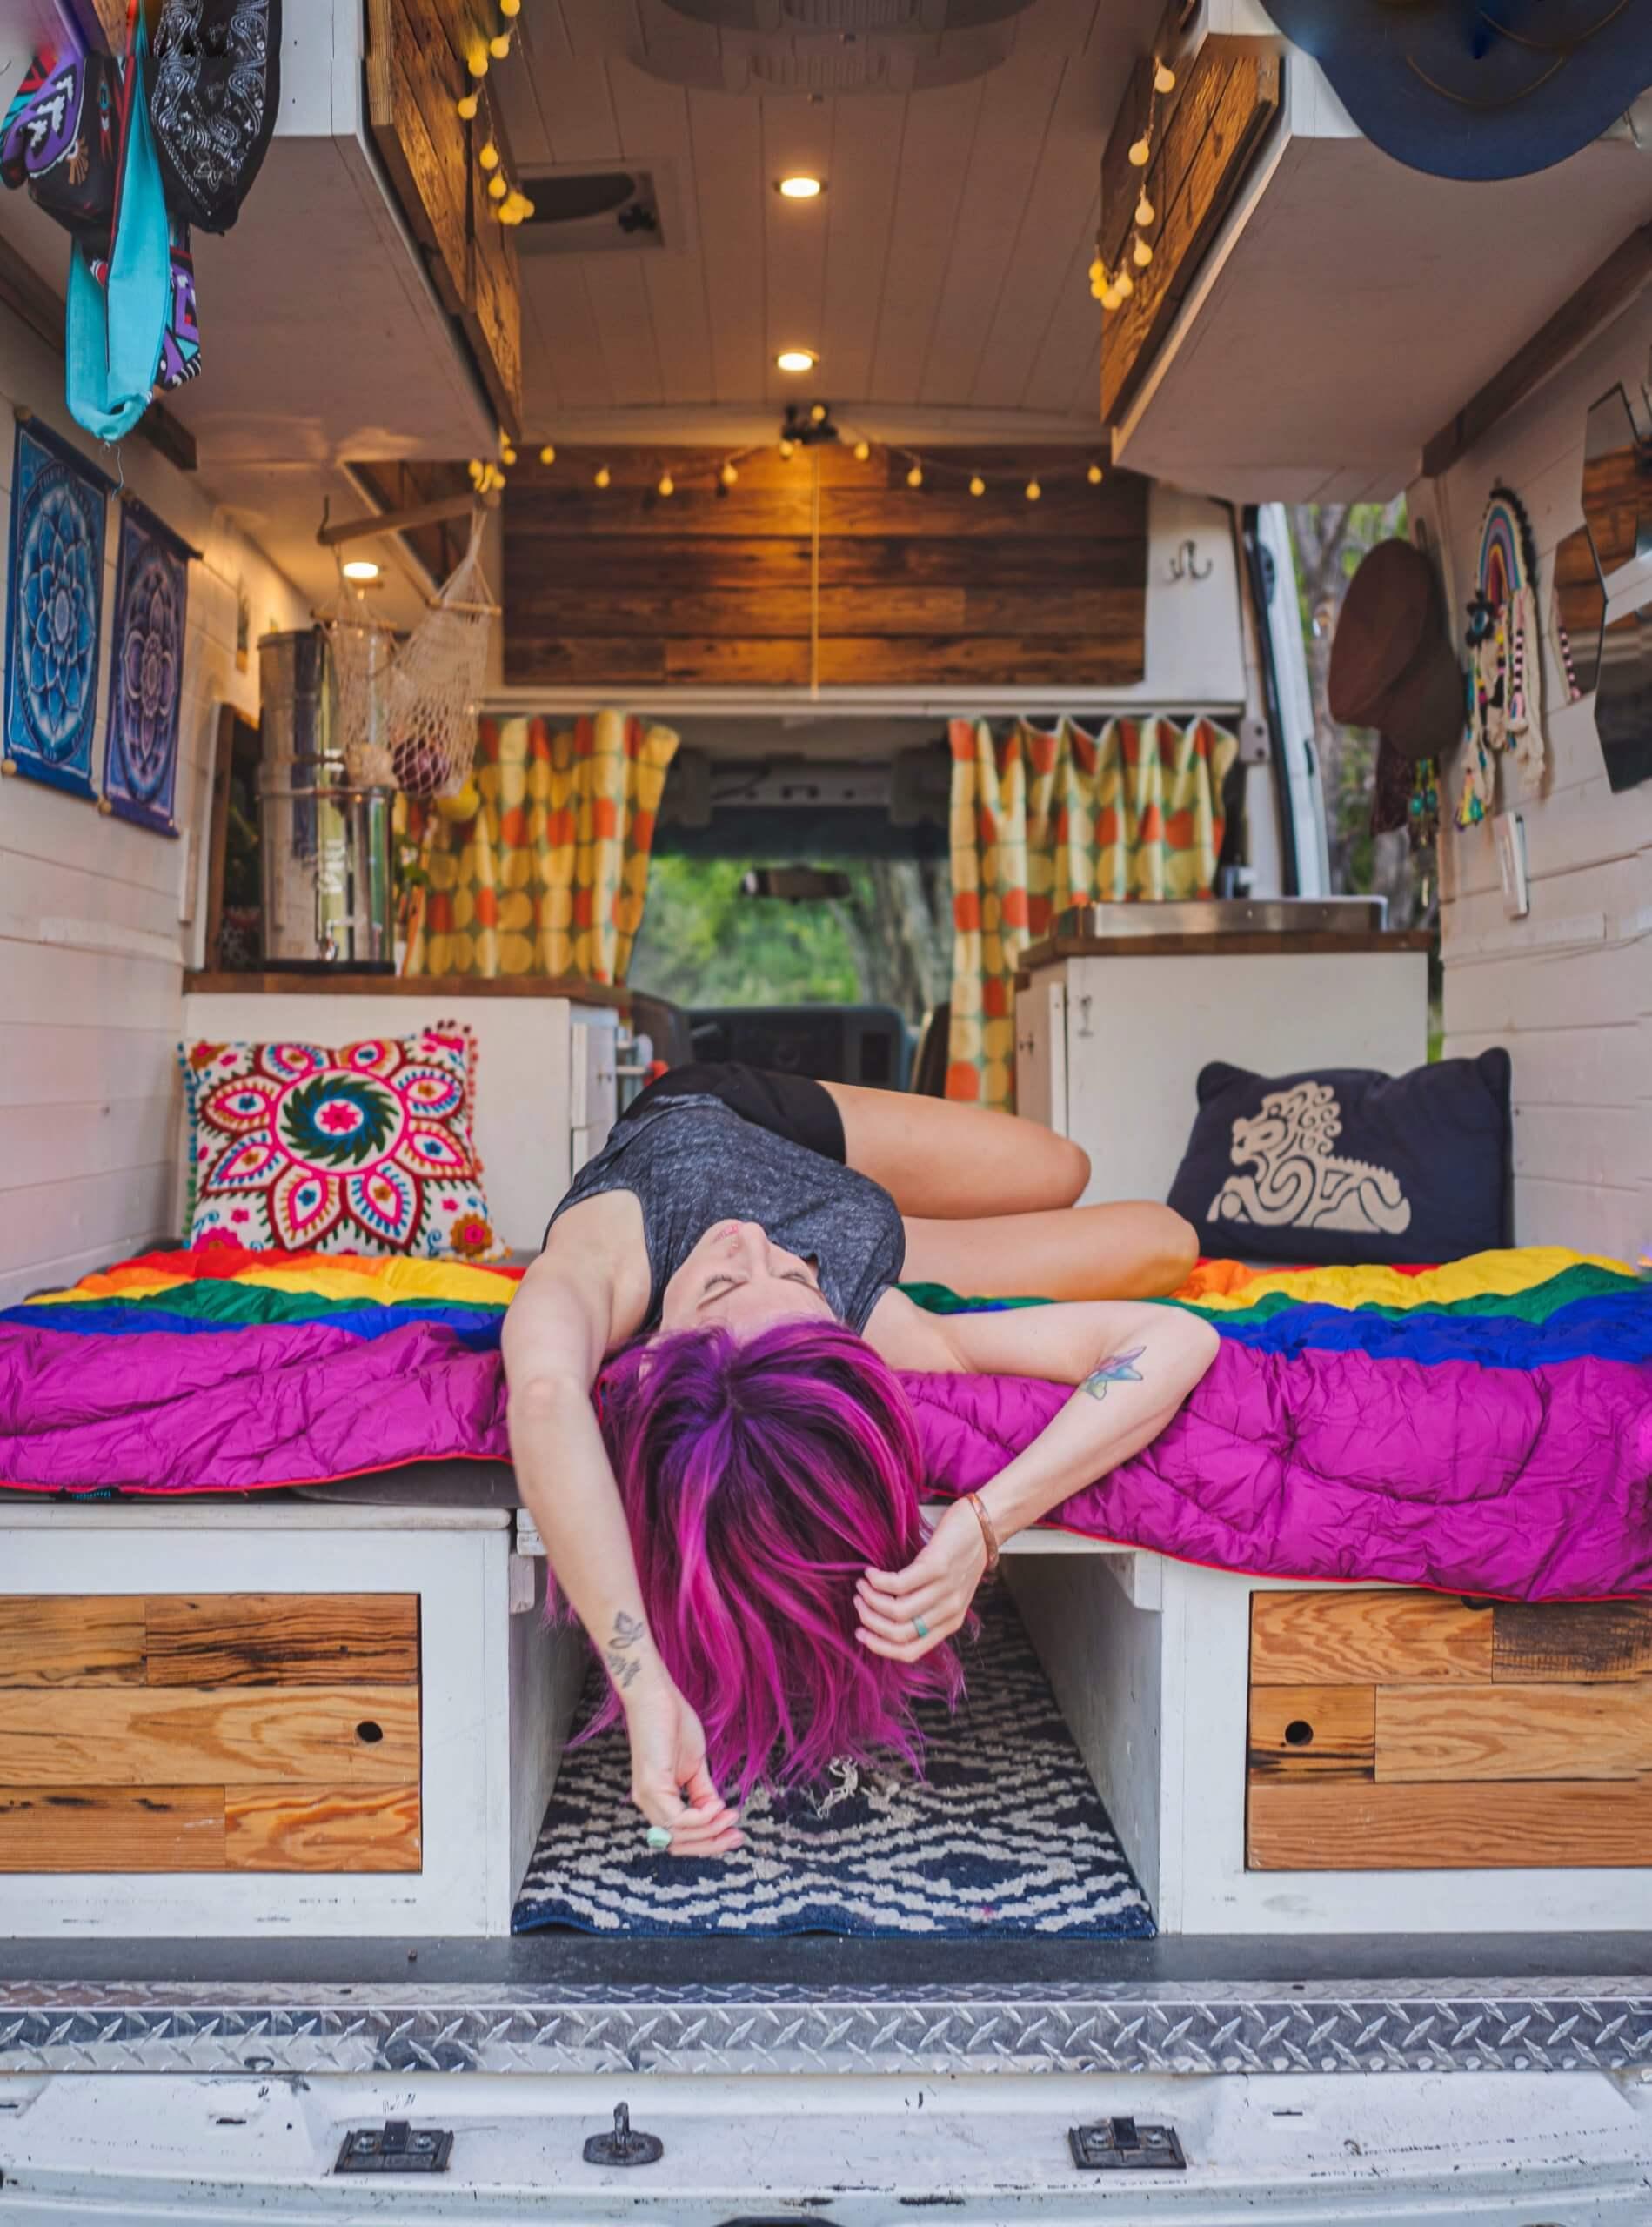 Lisa Jacobs van life vacay vans DIY camper van